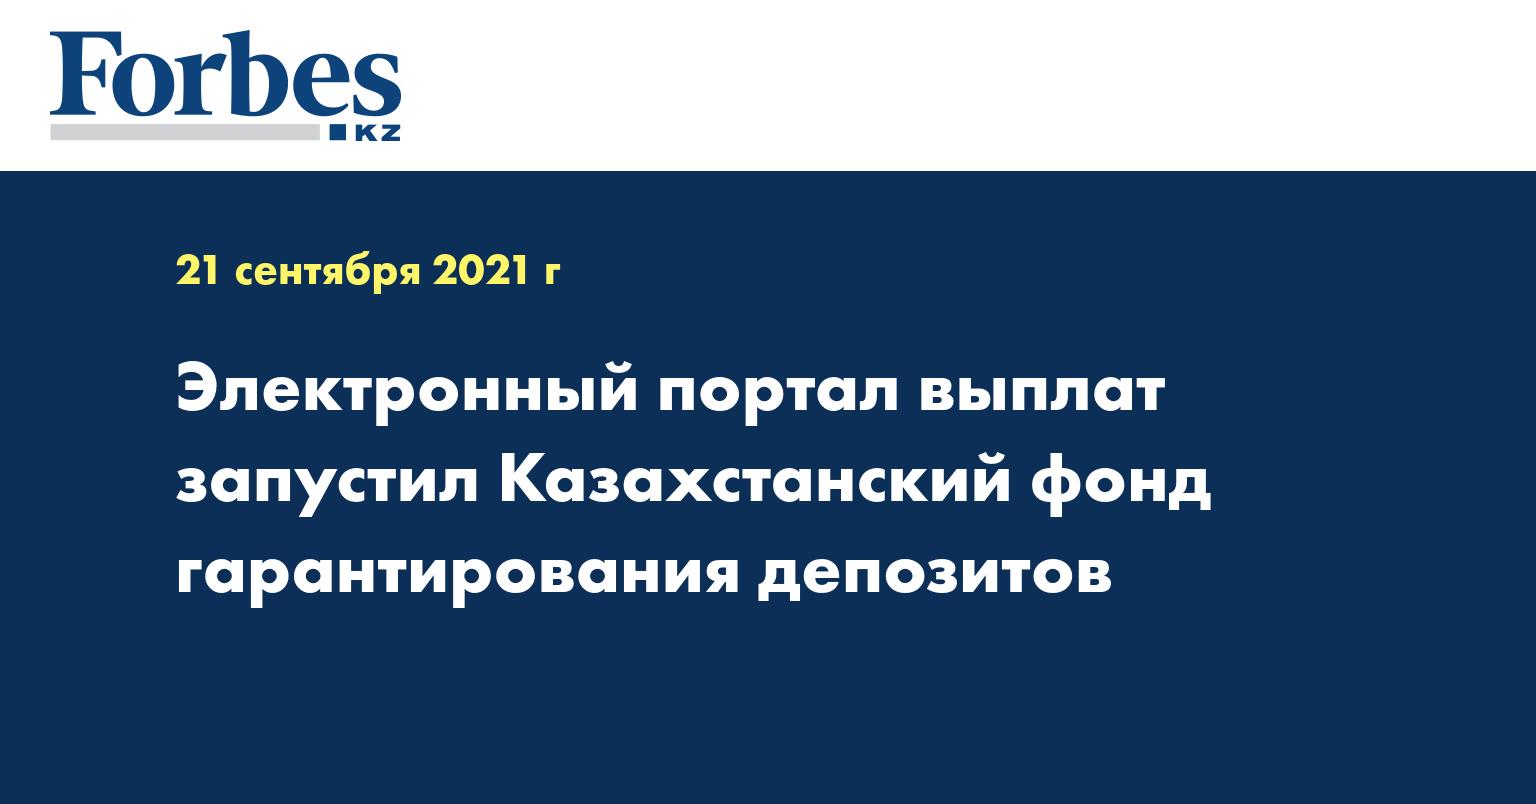 Электронный портал выплат запустил Казахстанский фонд гарантирования депозитов